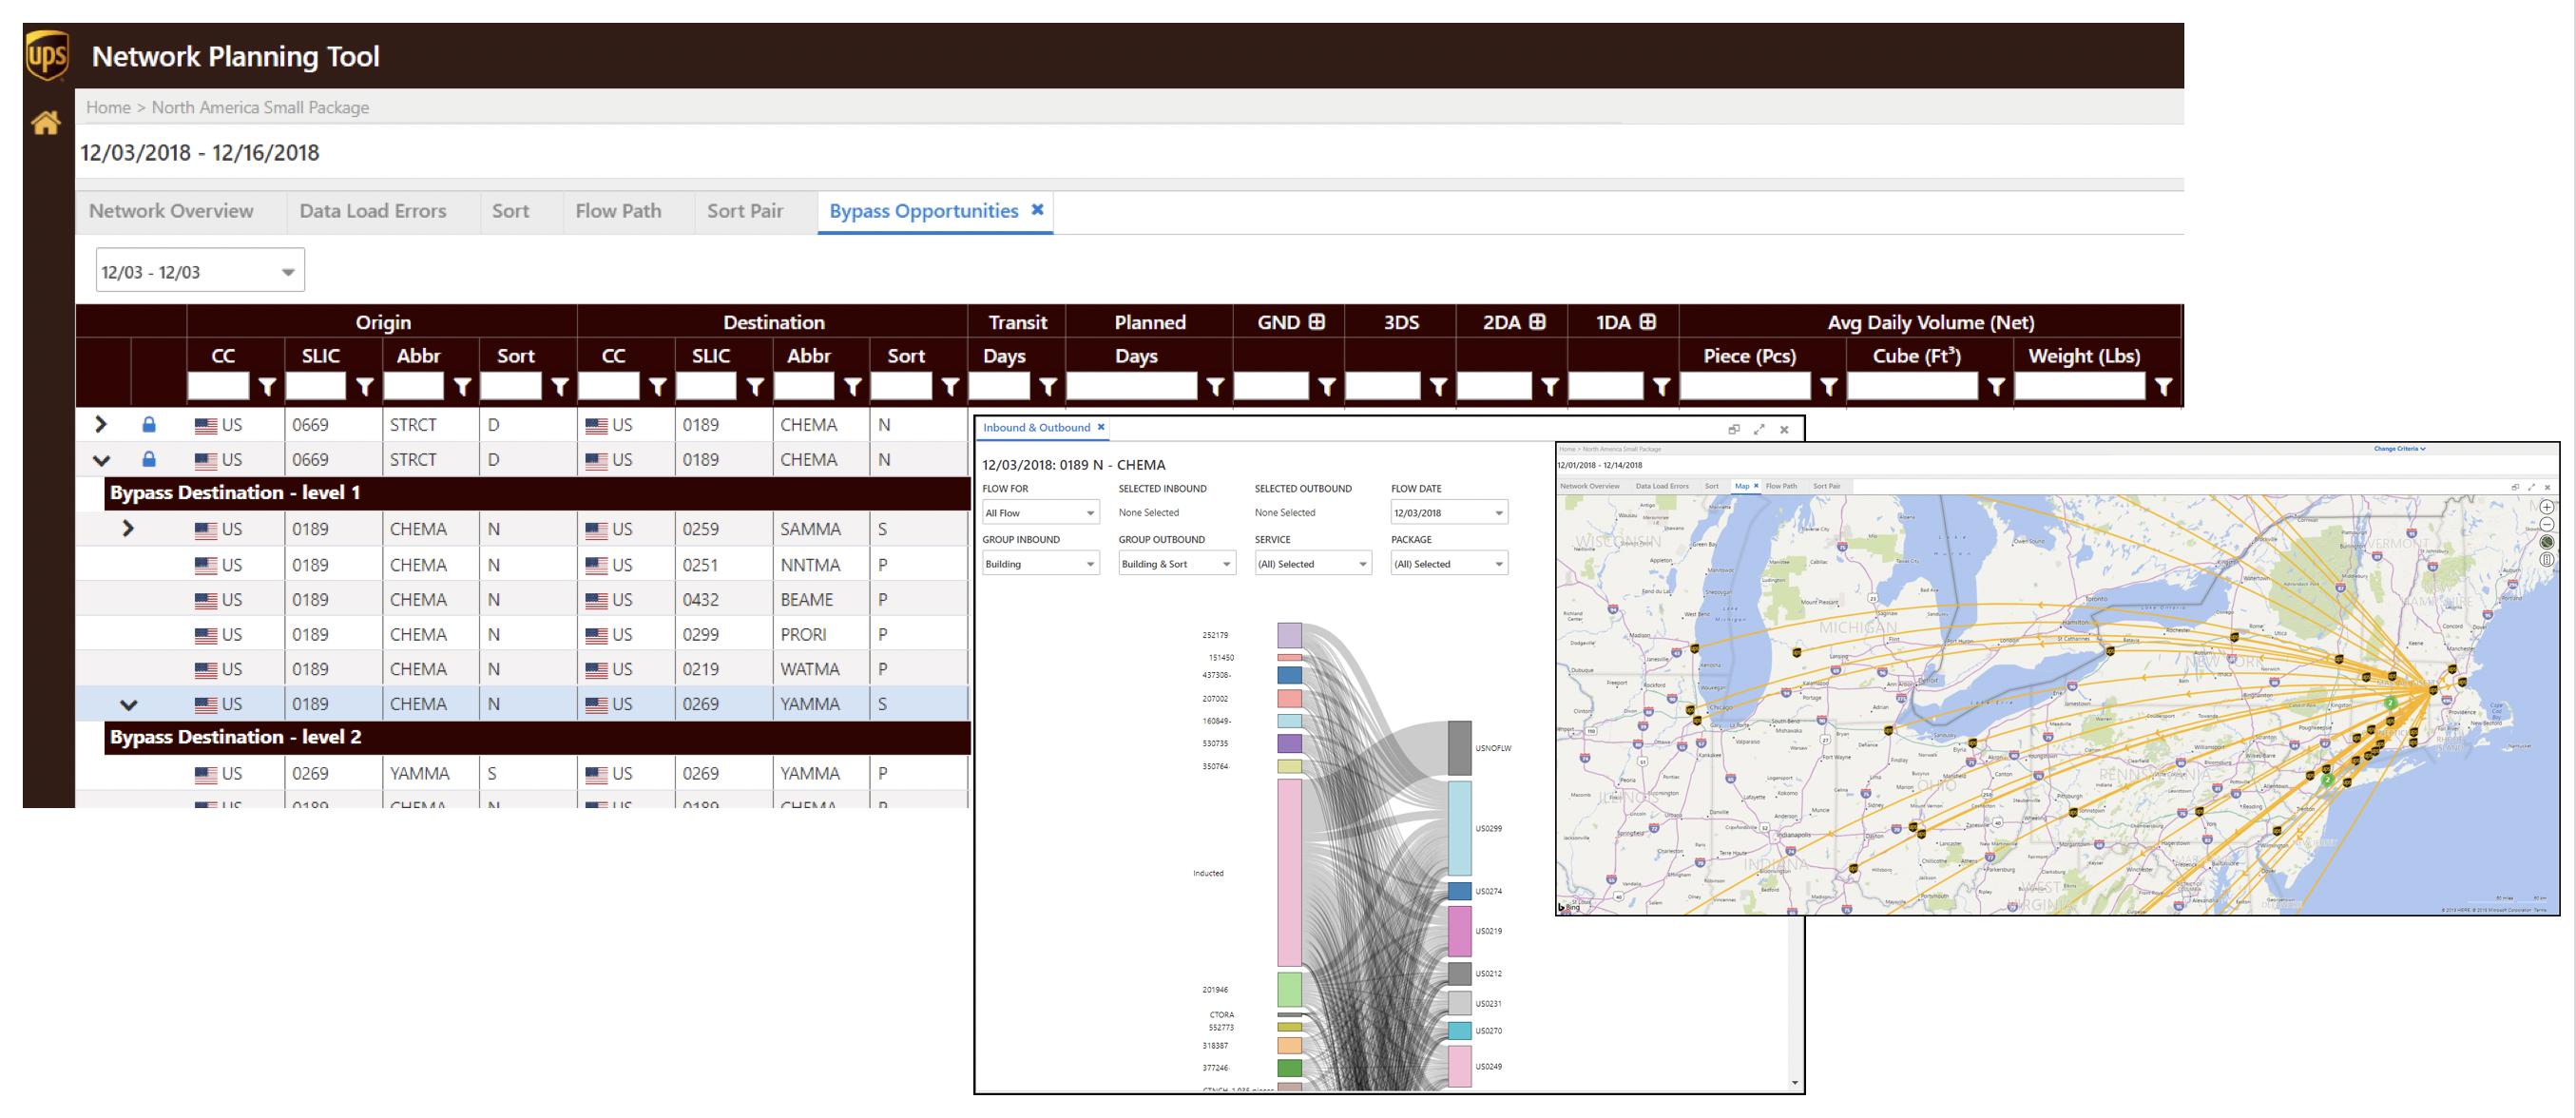 Esta herramienta dentro de la aplicación NPT permite a los usuarios redireccionar paquetes entre las instalaciones de UPS.